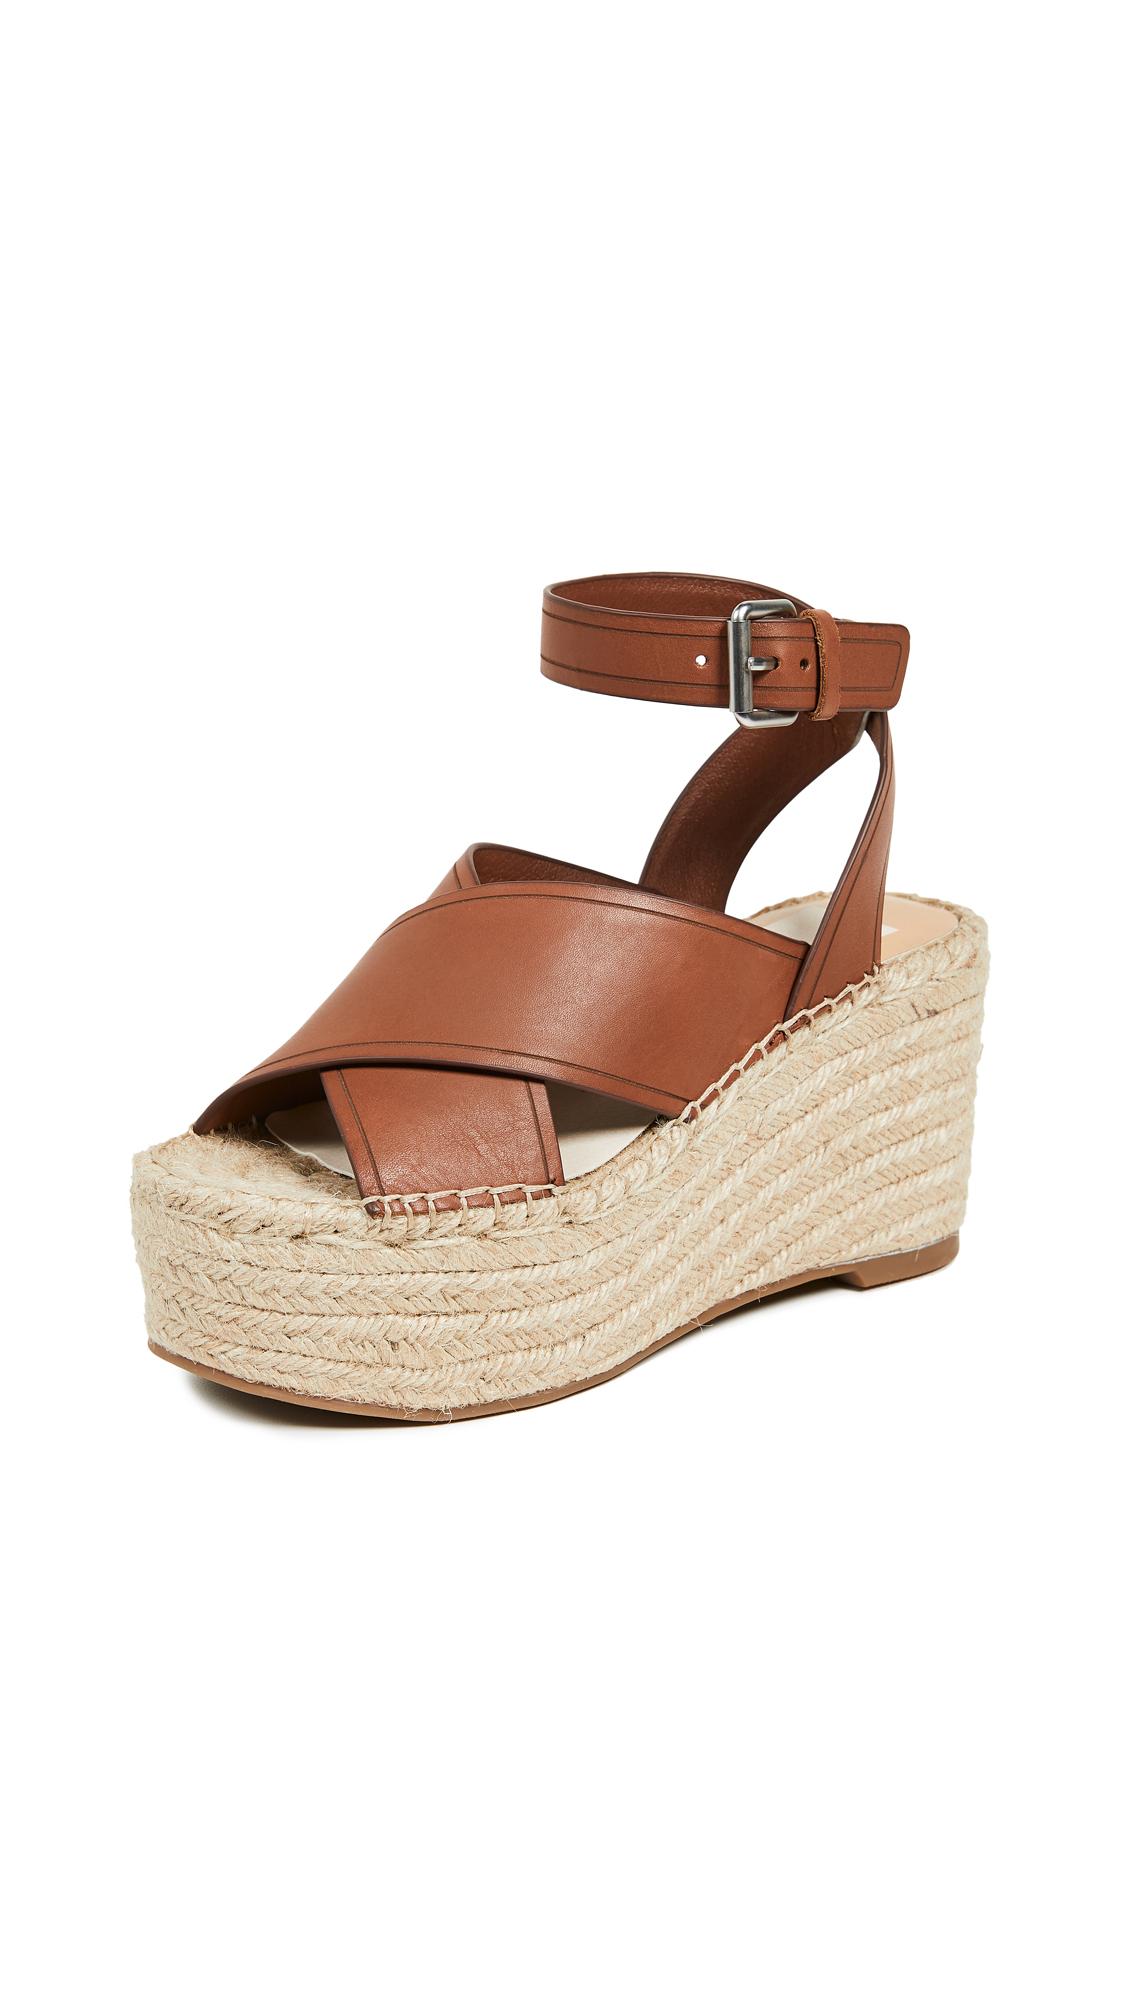 Dolce Vita Carsie Platform Espadrille Sandals - Brown